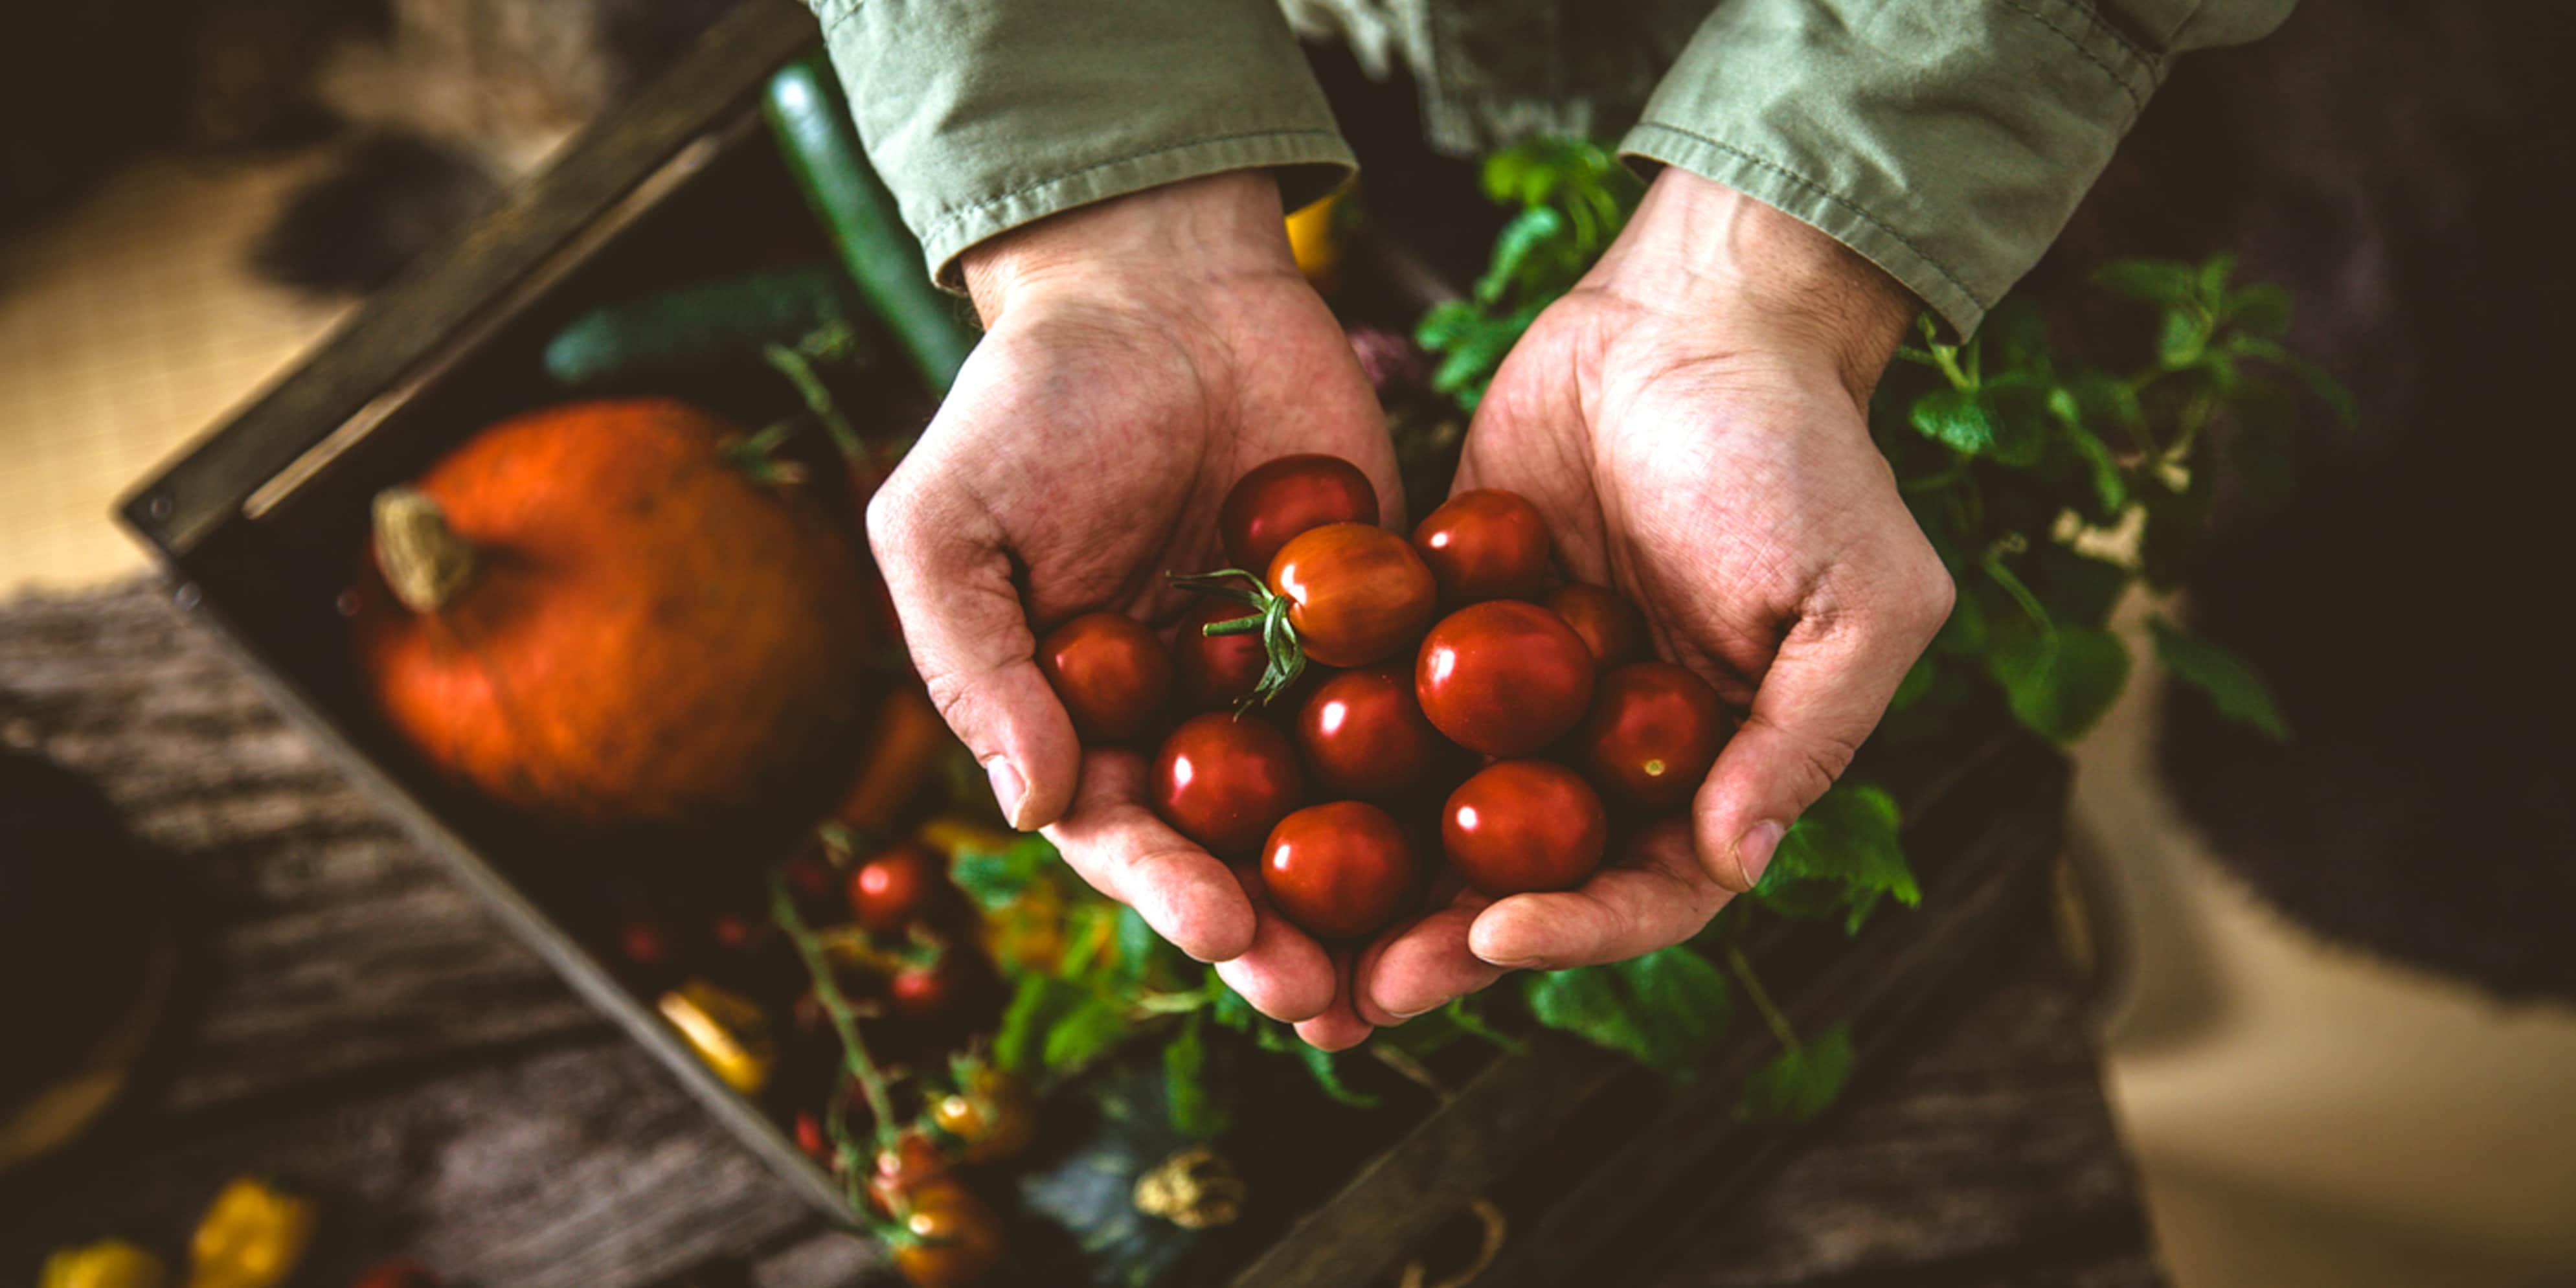 Voorraad Tomaten In De Kas Automatisch Tellen